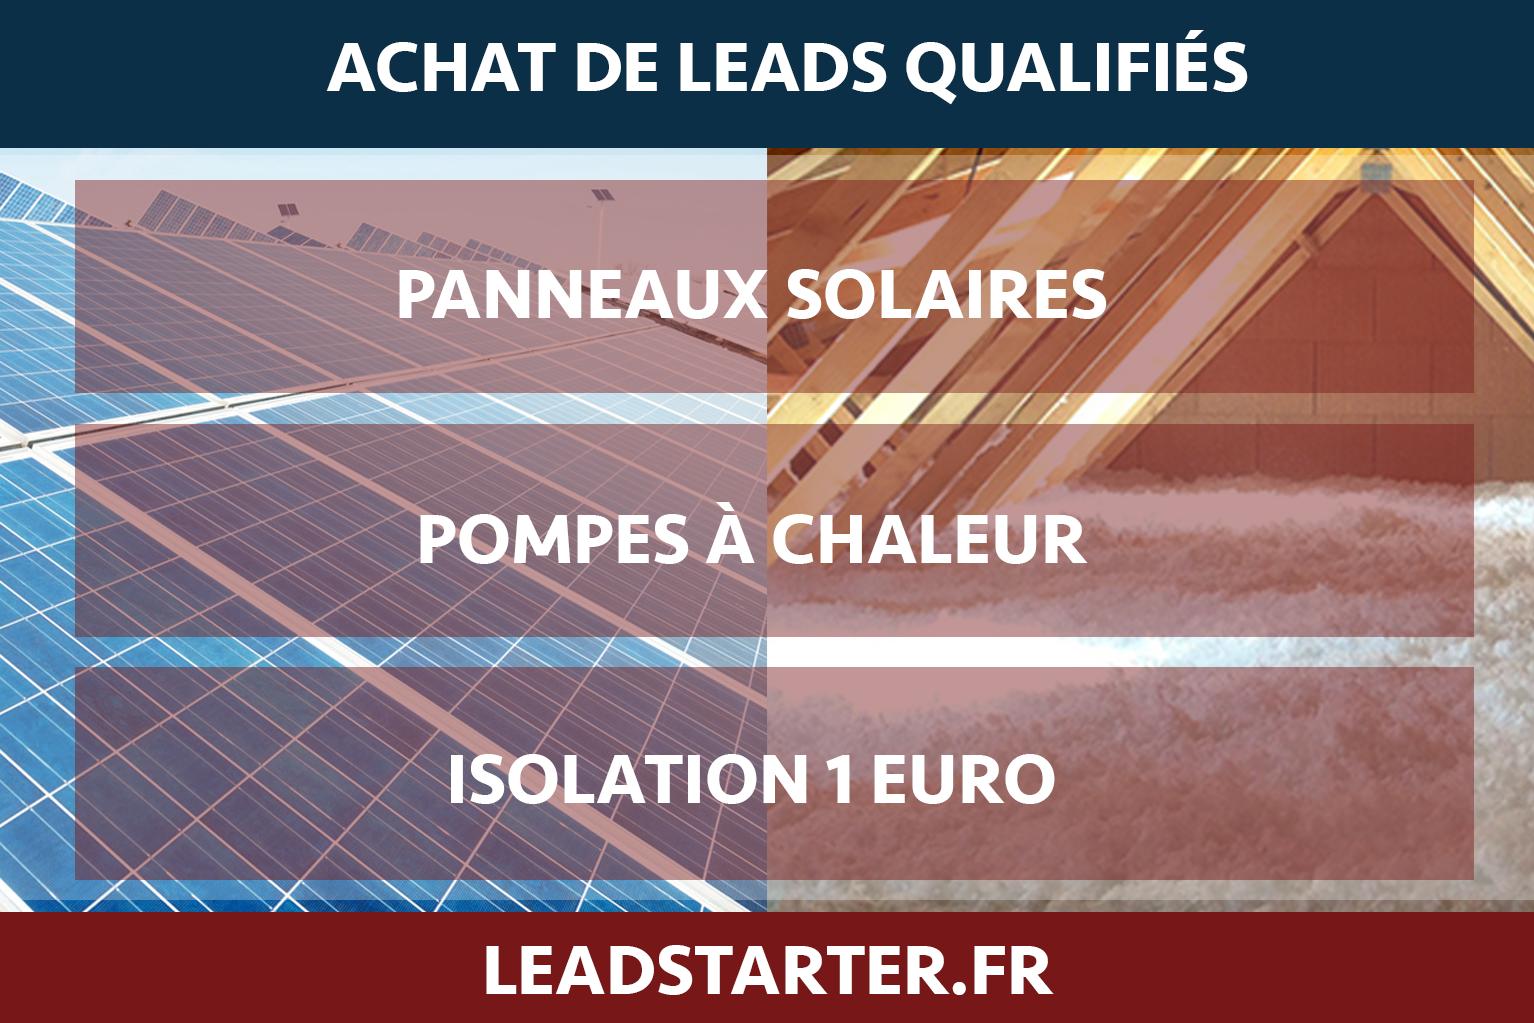 panneaux solaires - pompes à chaleur - isolation 1 euro